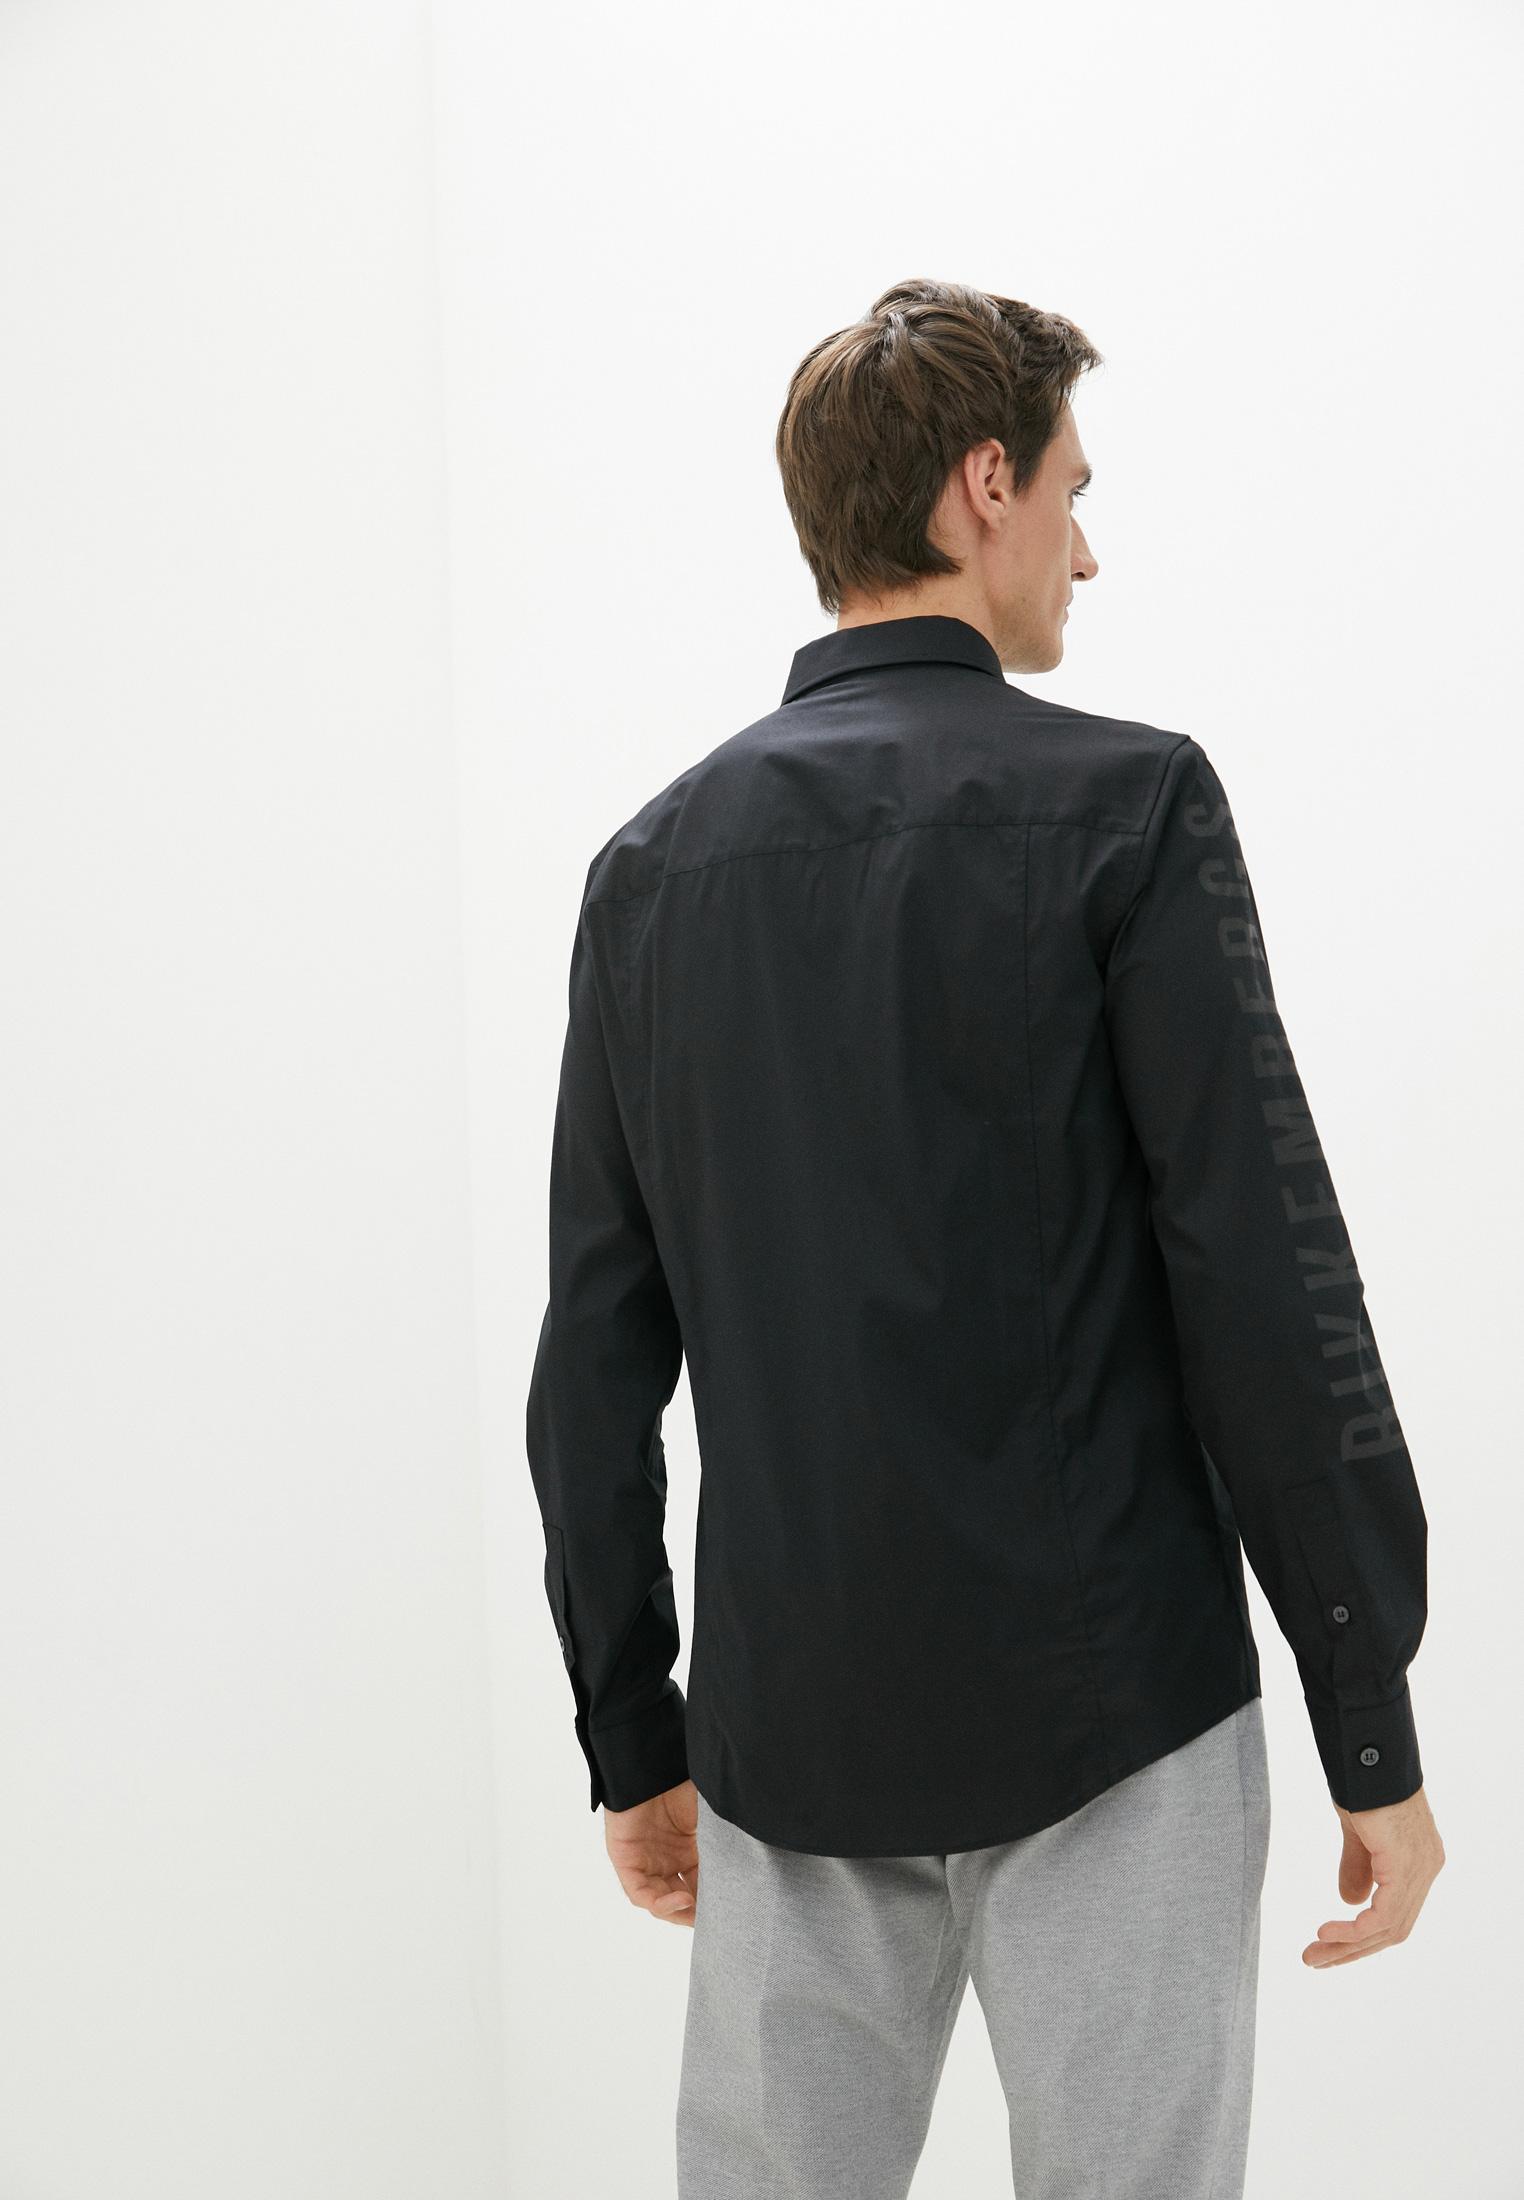 Рубашка с длинным рукавом Bikkembergs (Биккембергс) C C 009 3V S 2931: изображение 4